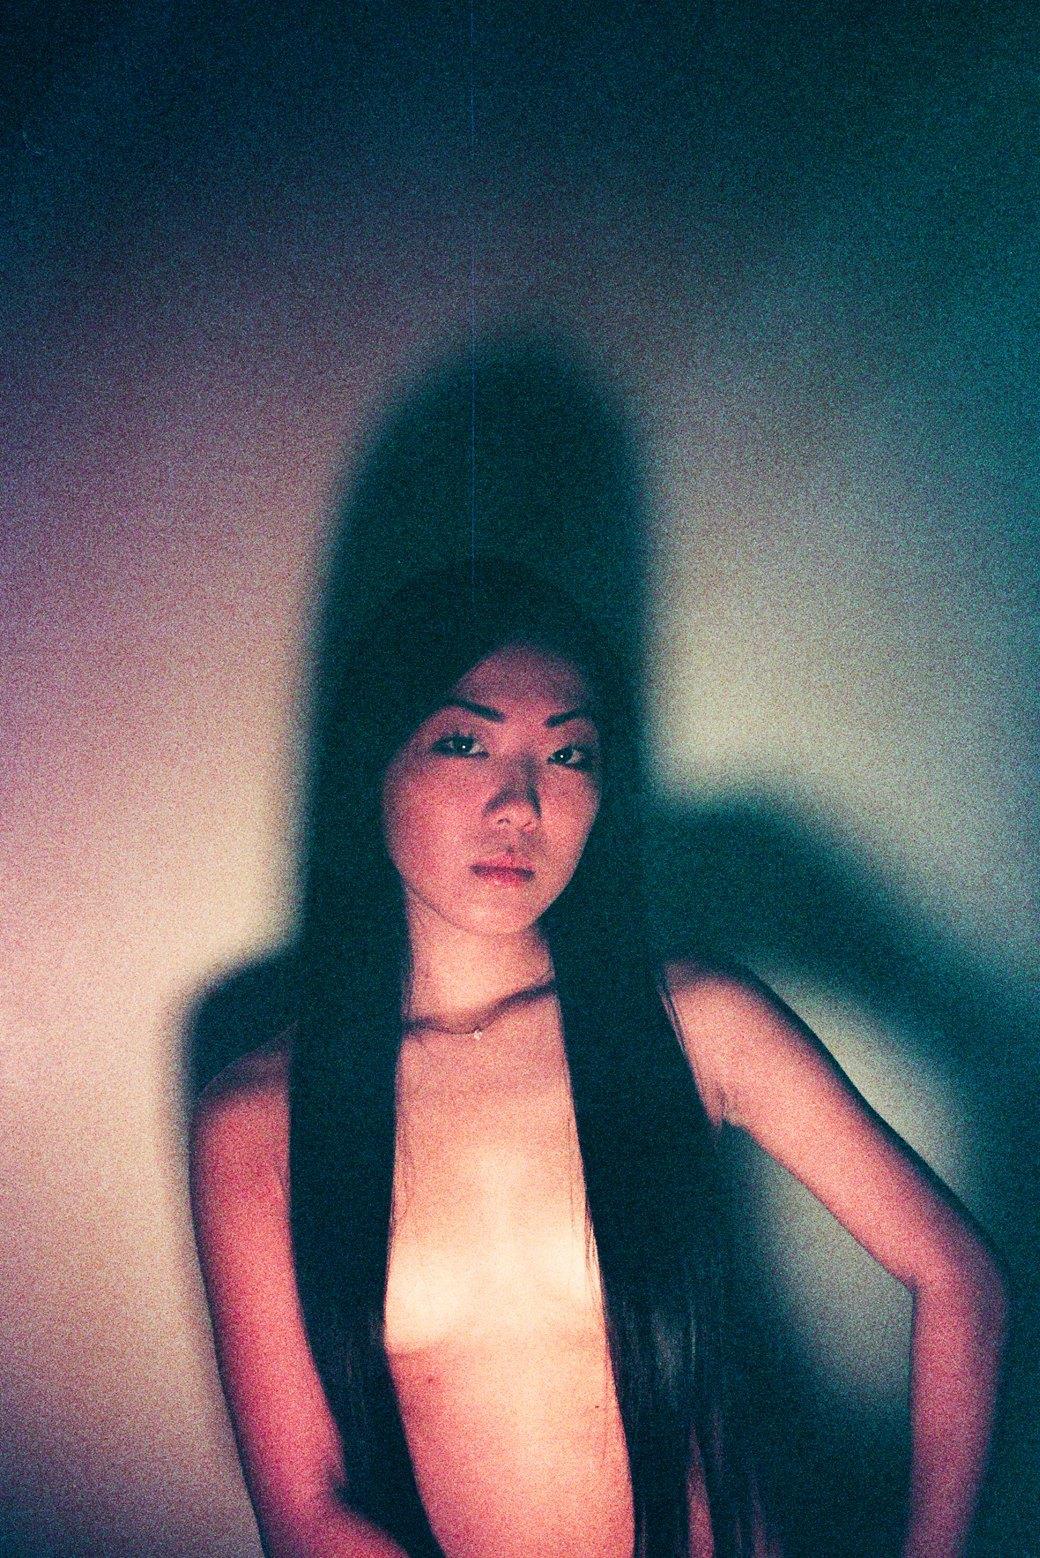 Фотопроект: Софи Дэй возвращает женщинам право на сексуальность. Изображение № 9.